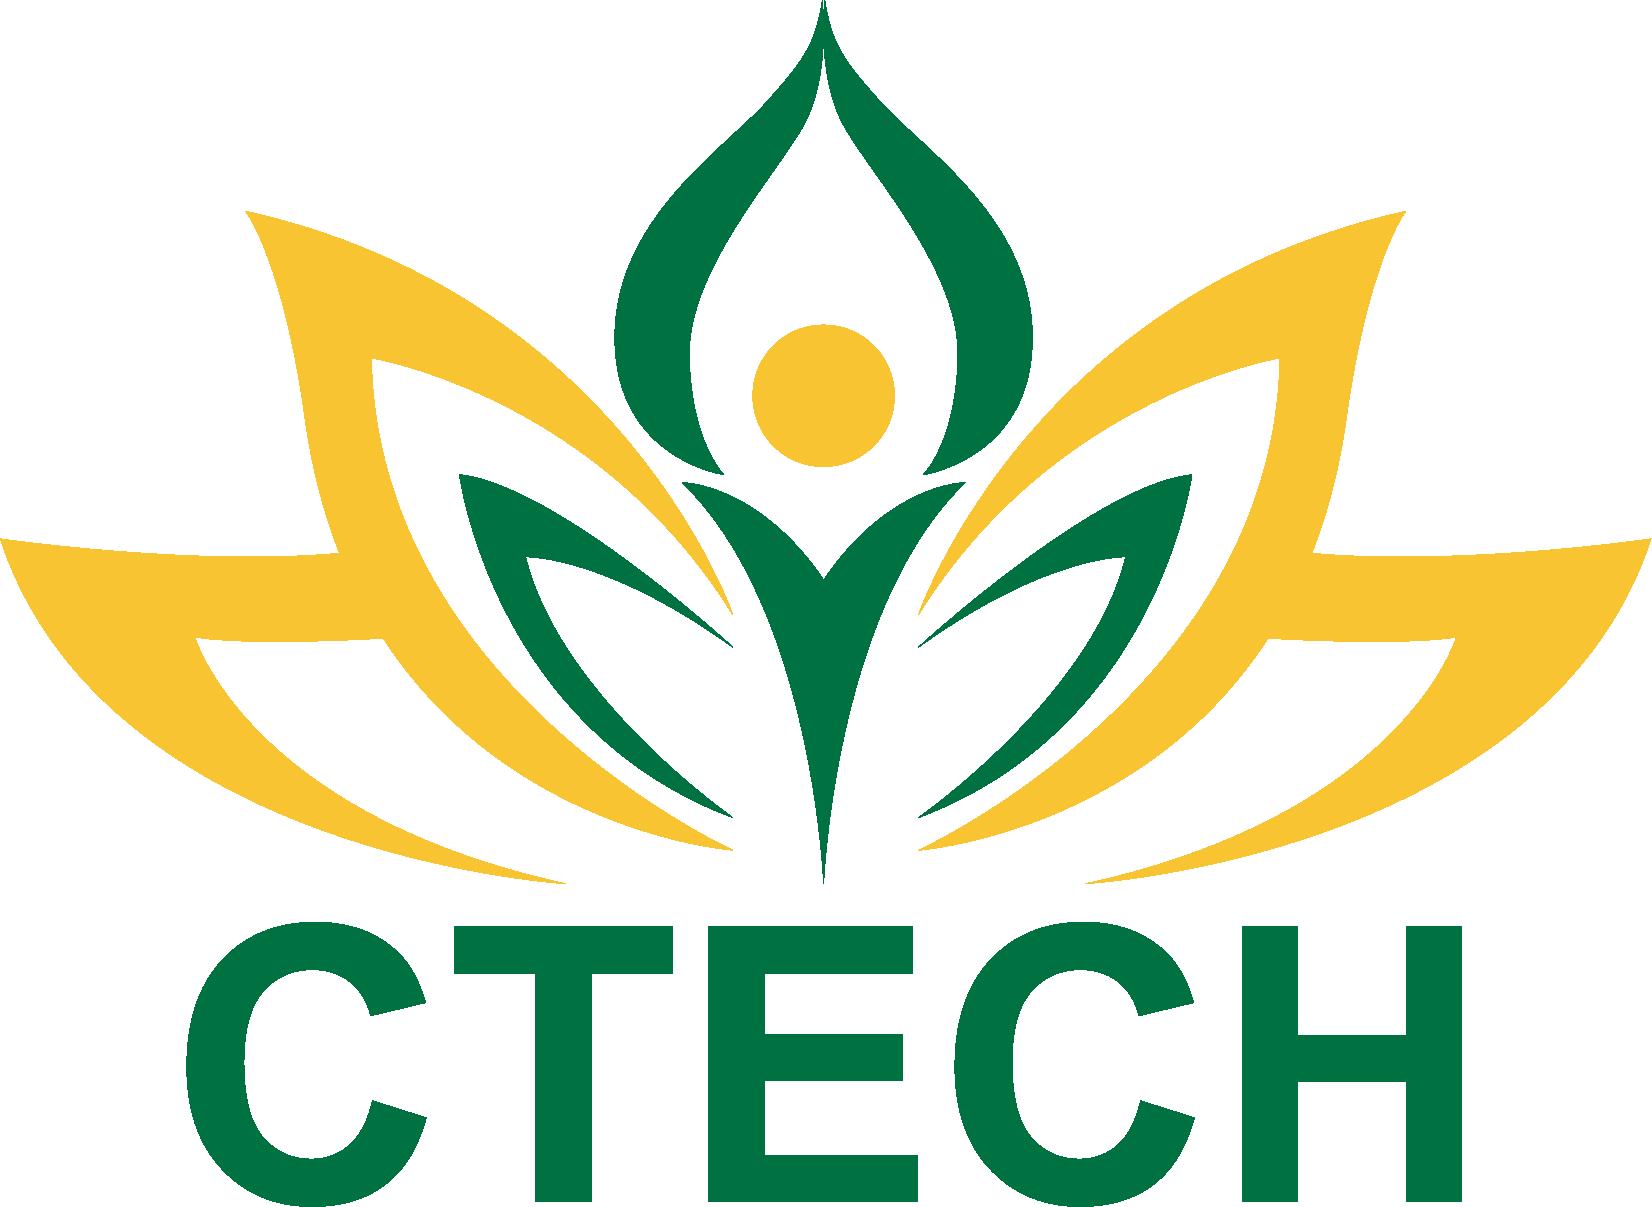 Trường Cao đẳng Kỹ thuật – Công nghệ Bách Khoa (CTECH)